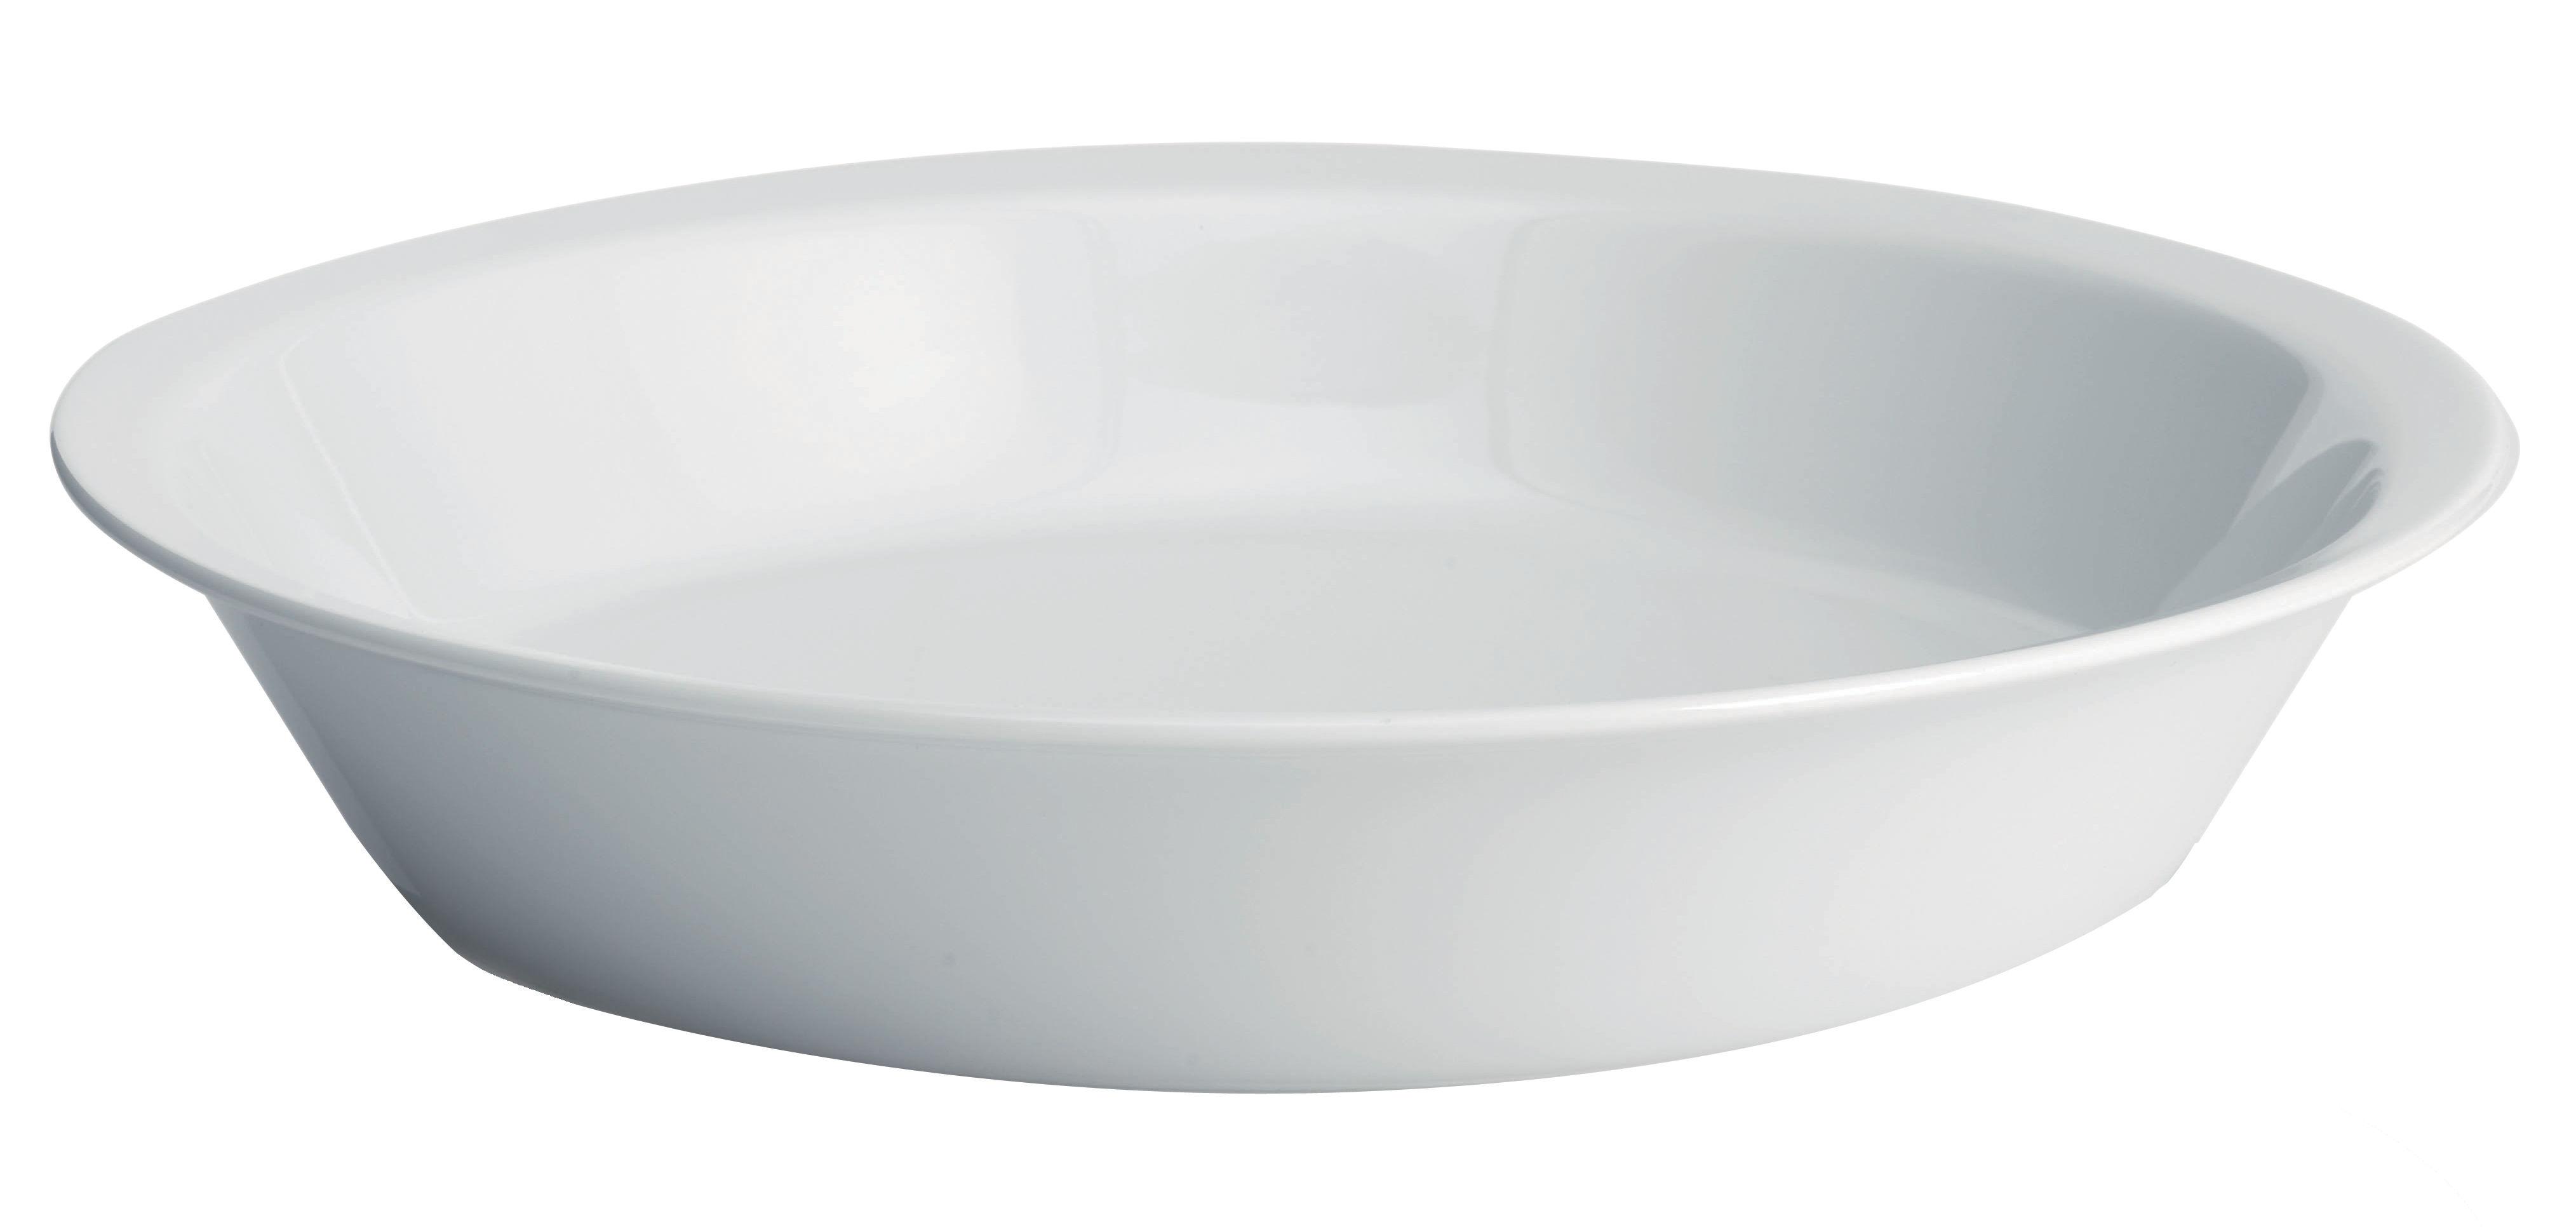 Tischkultur - Teller - Anatolia Suppenteller - Driade Kosmo - Weiß - Porzellan